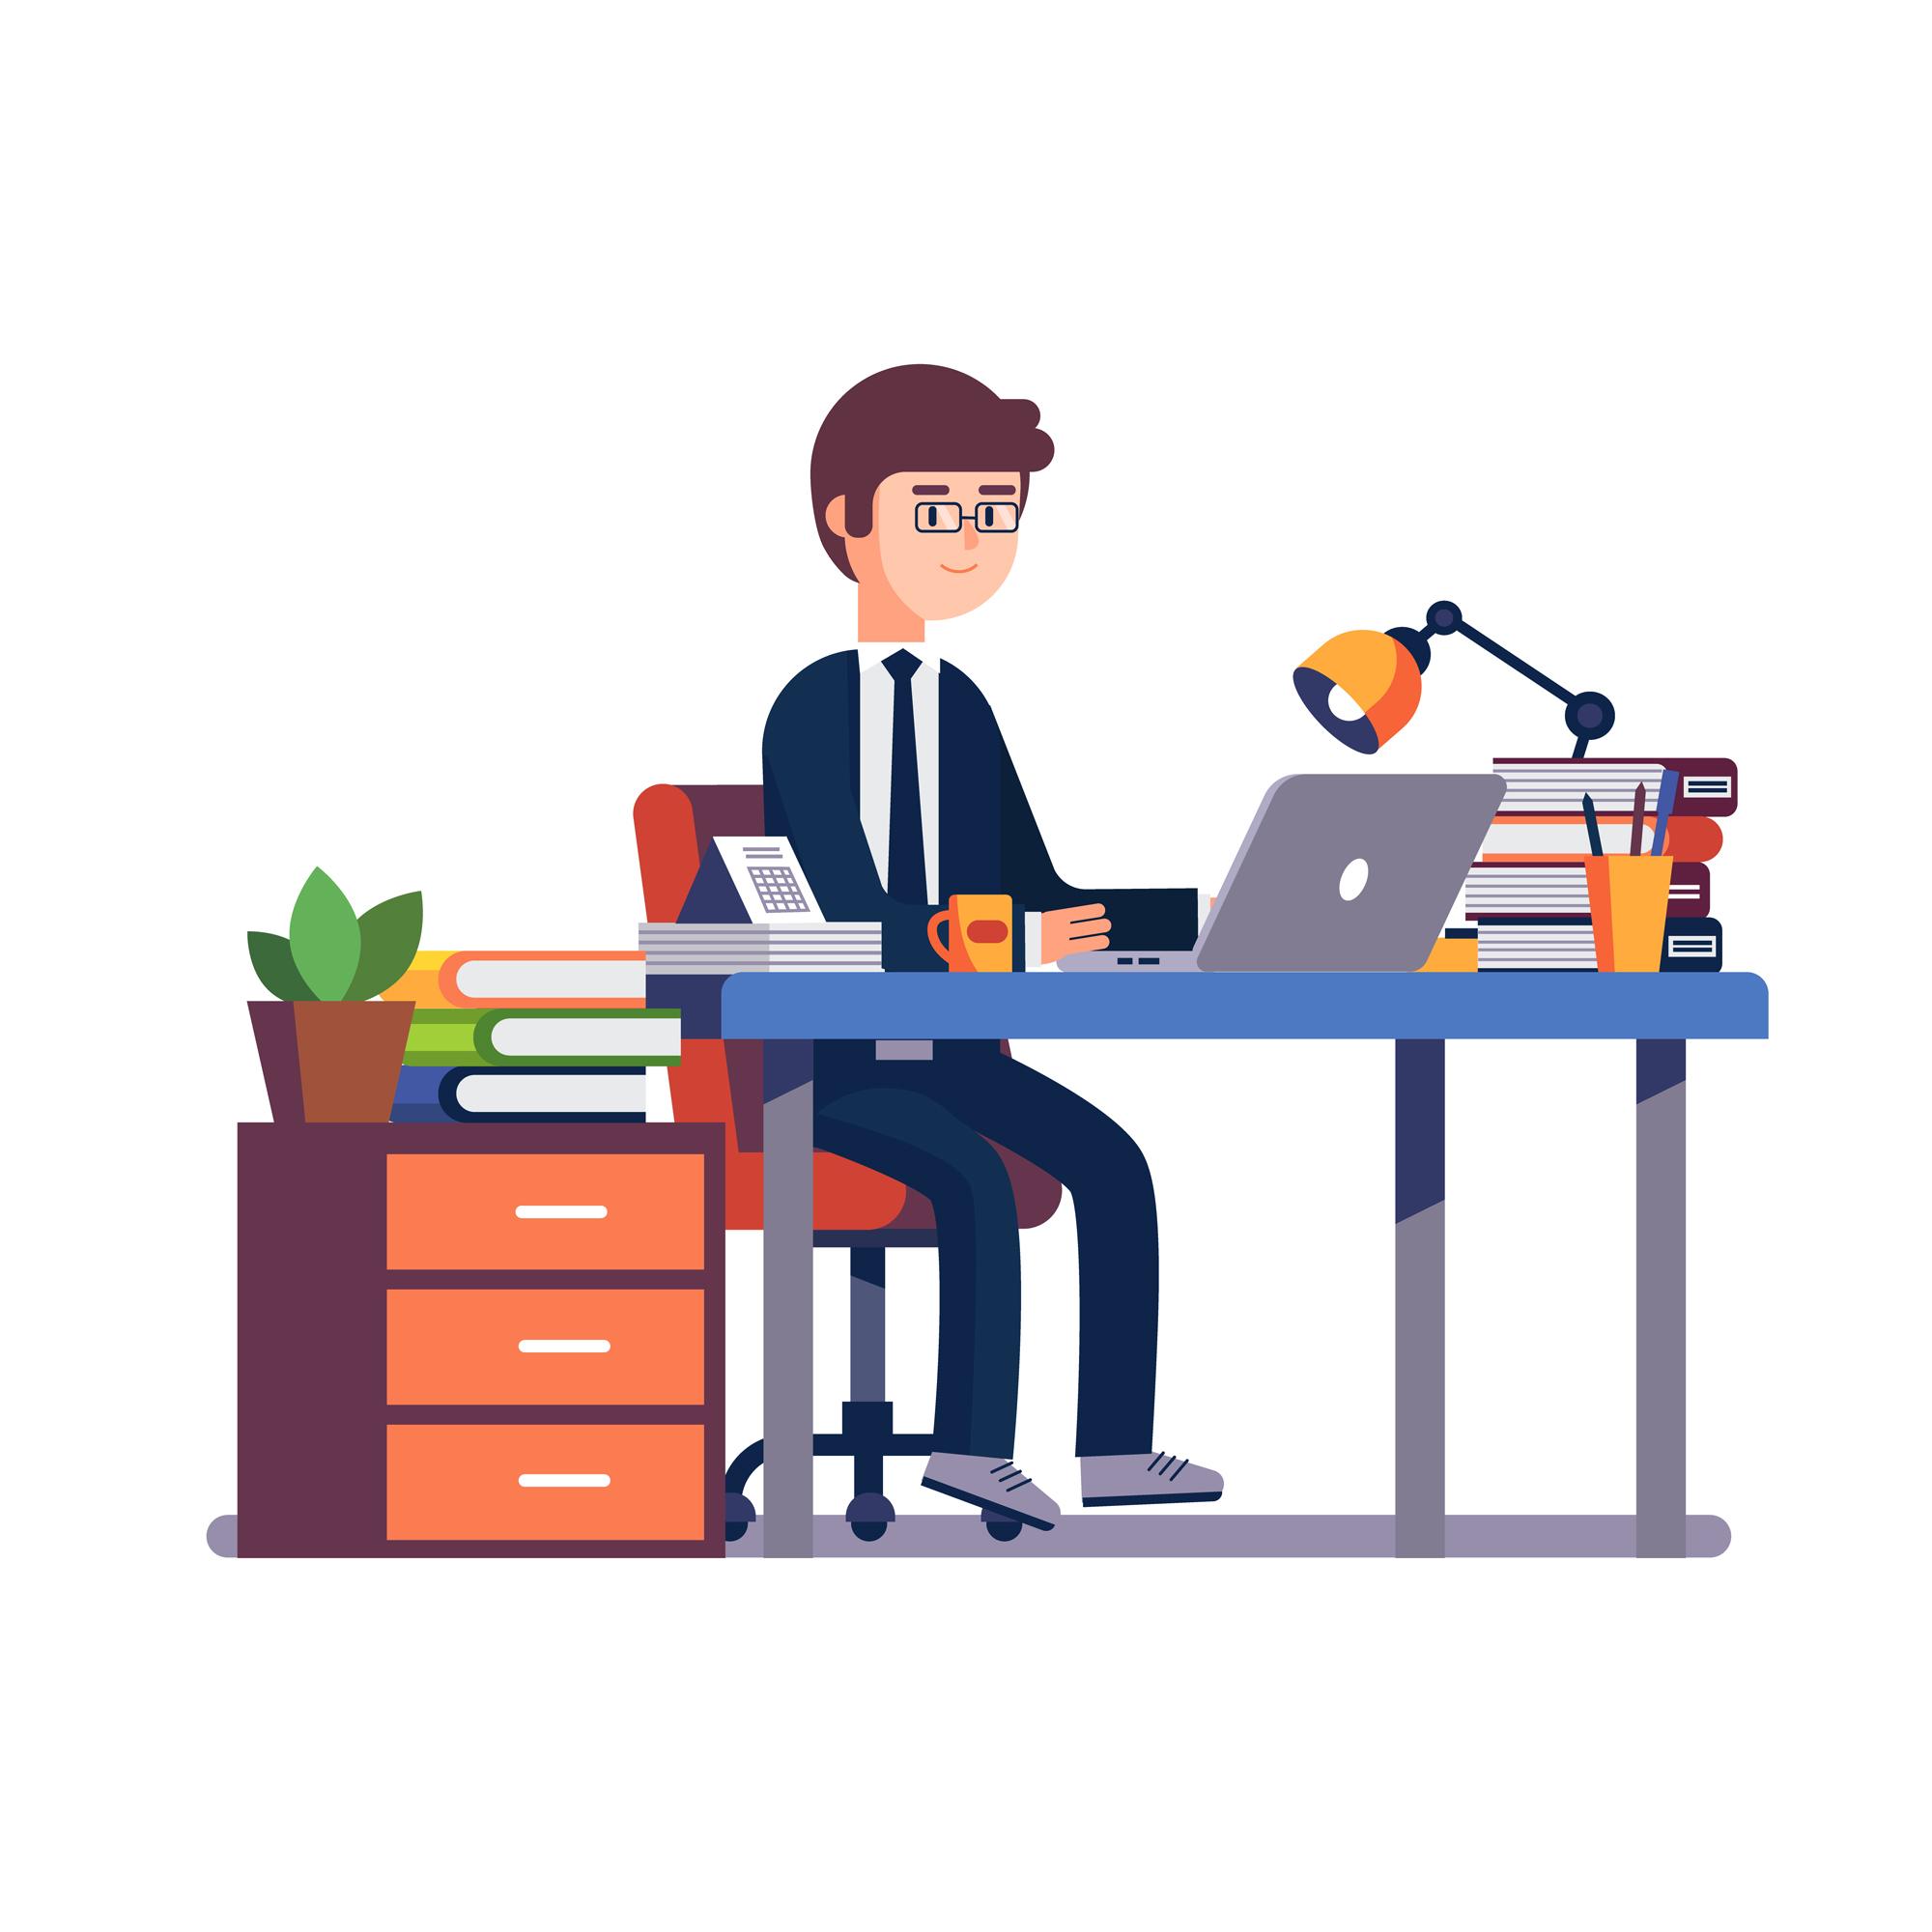 Förbättra din arbetsplats och må bättre. Bild: iconicbestiary / Freepik